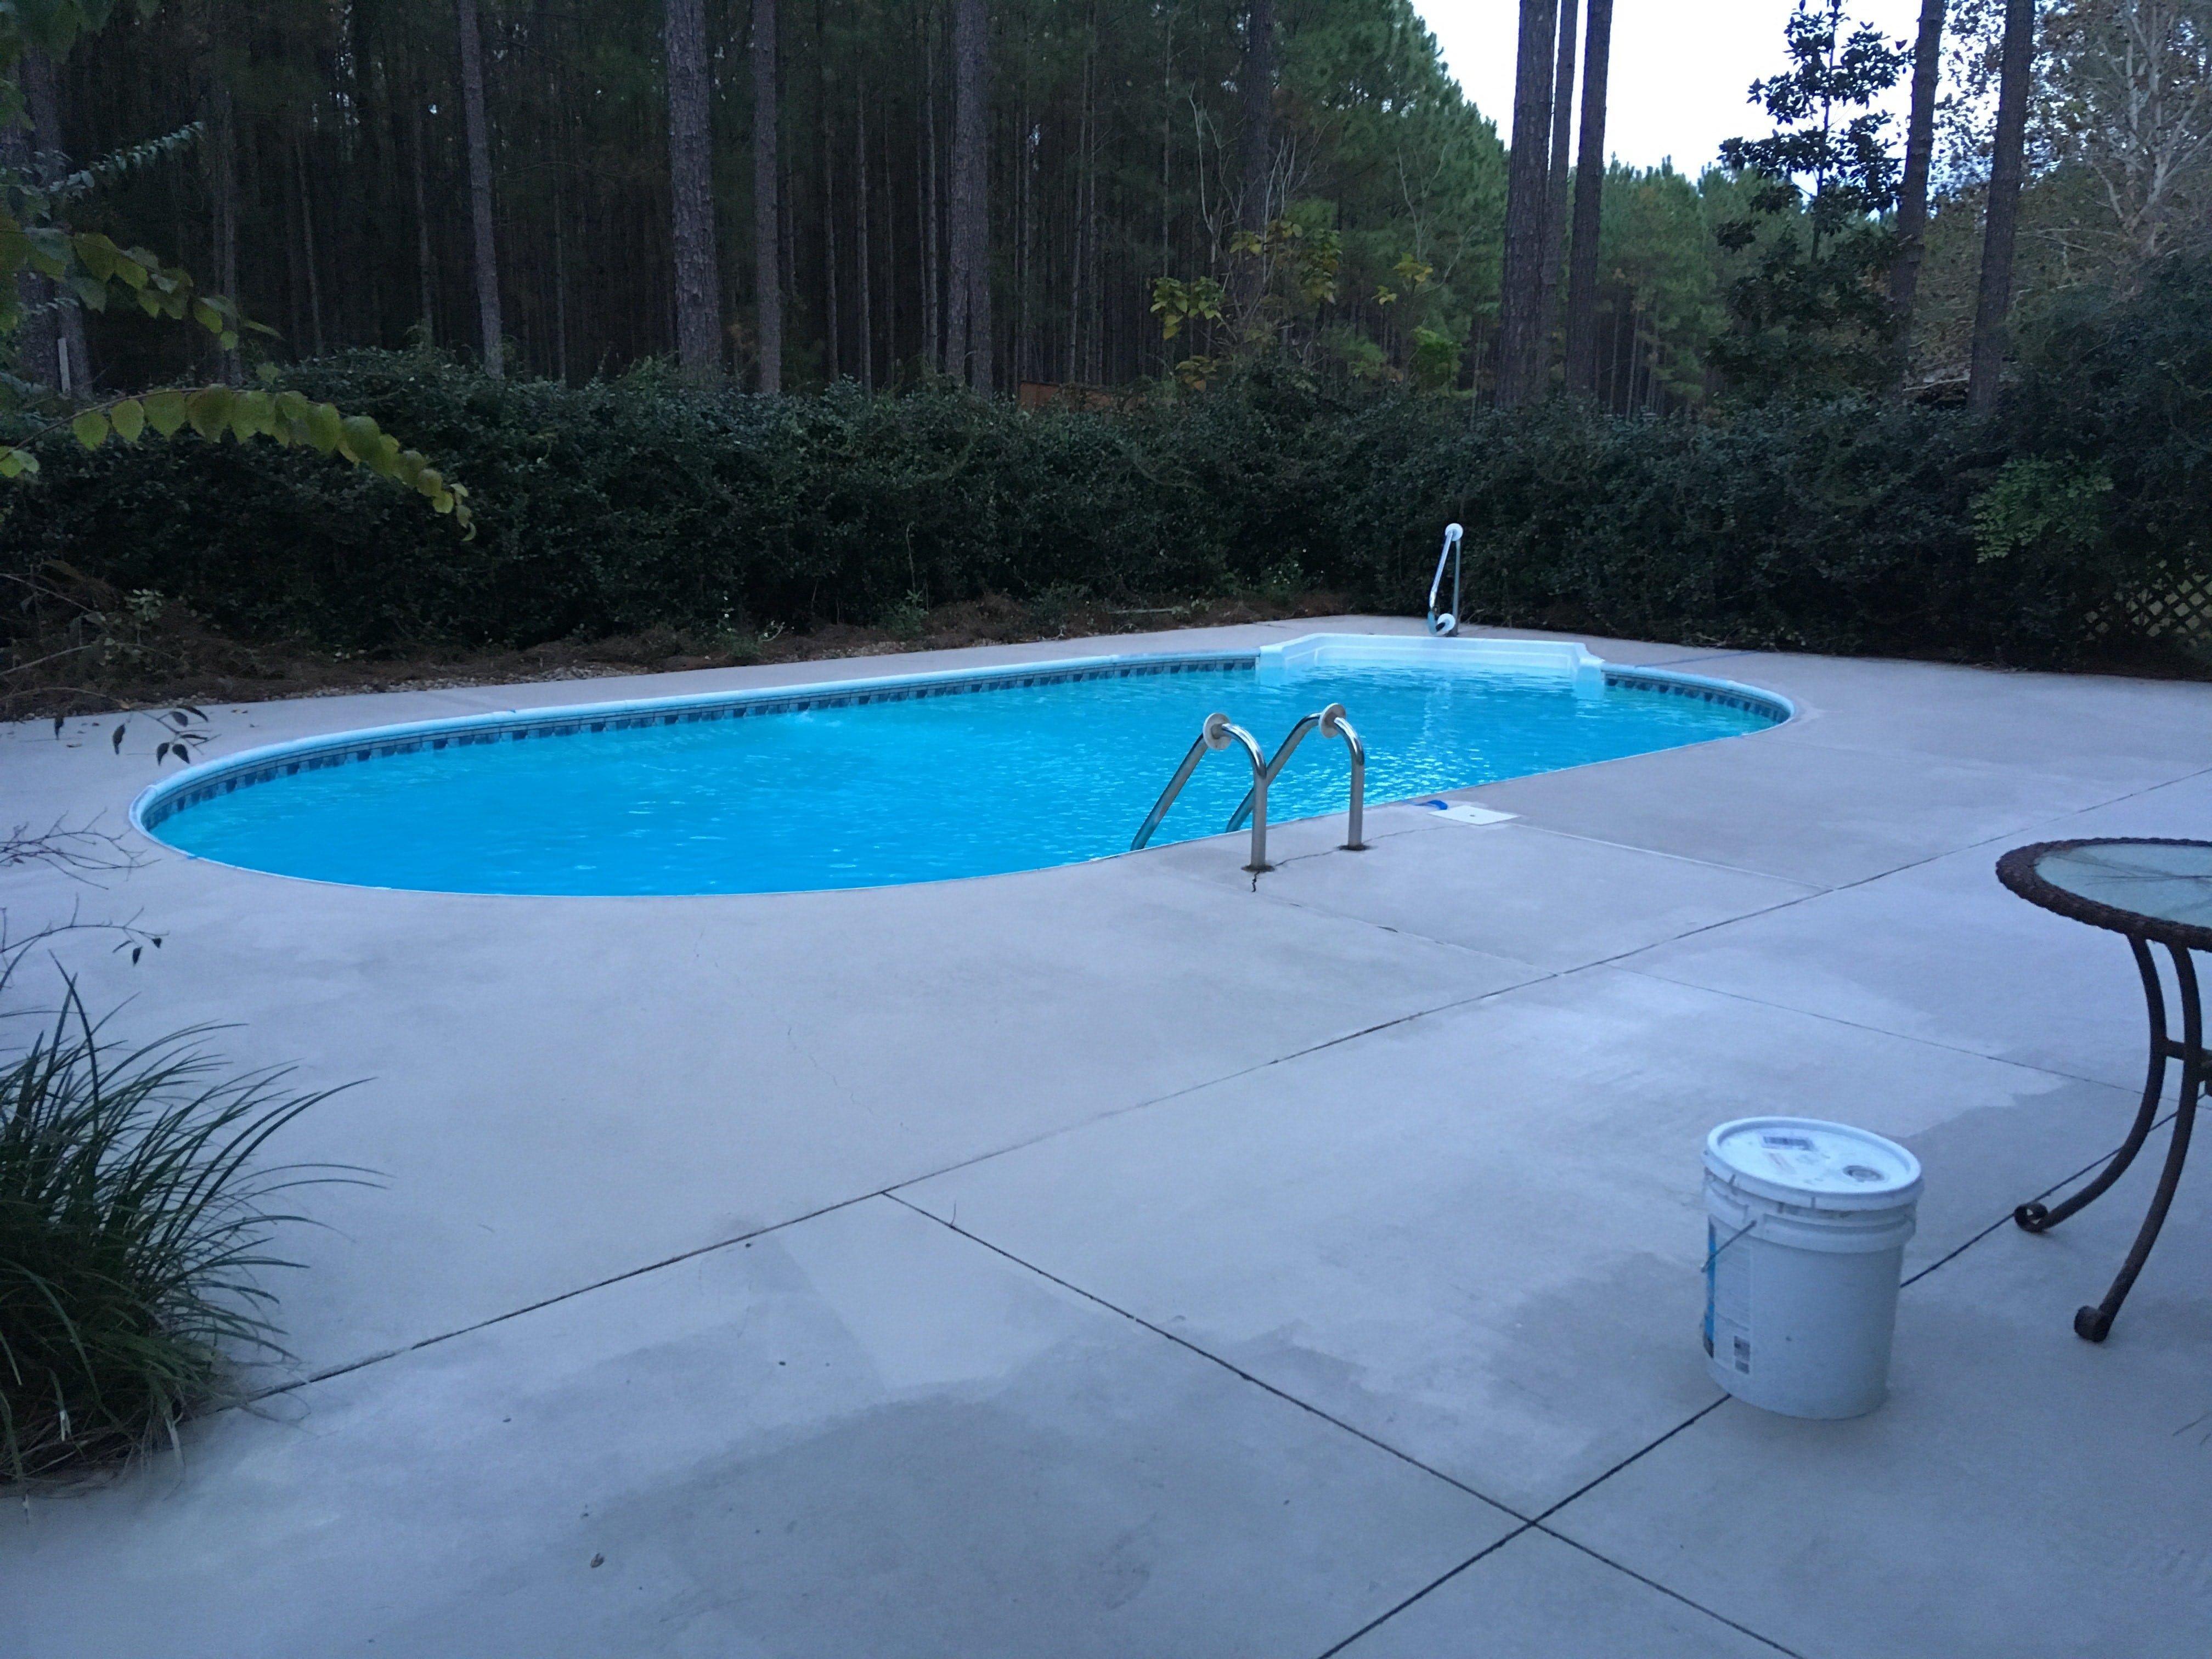 Pool Concrete Paint After